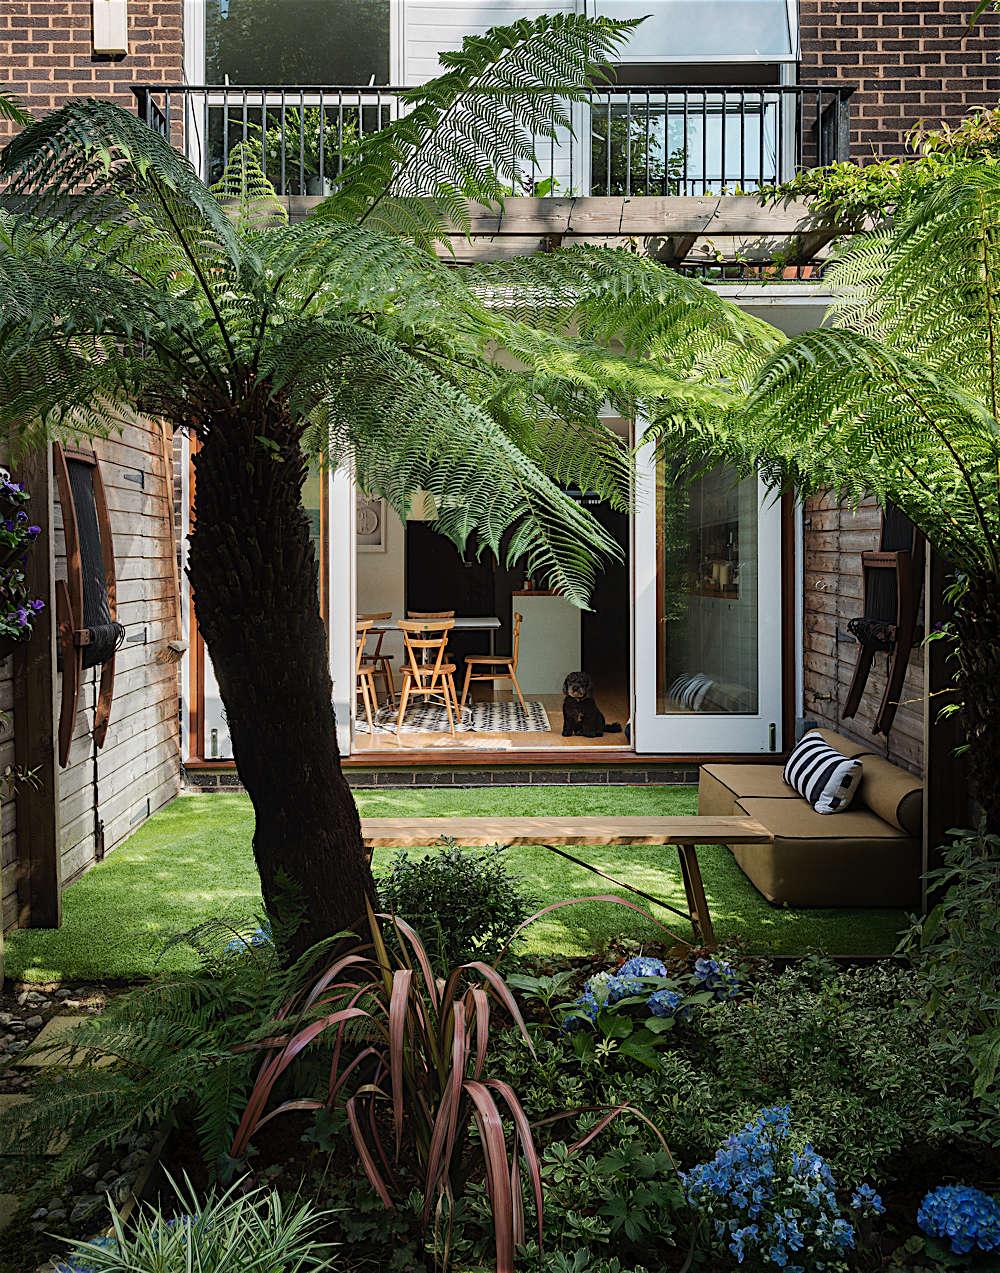 christine hanway london garden matthew williams gardenista 06